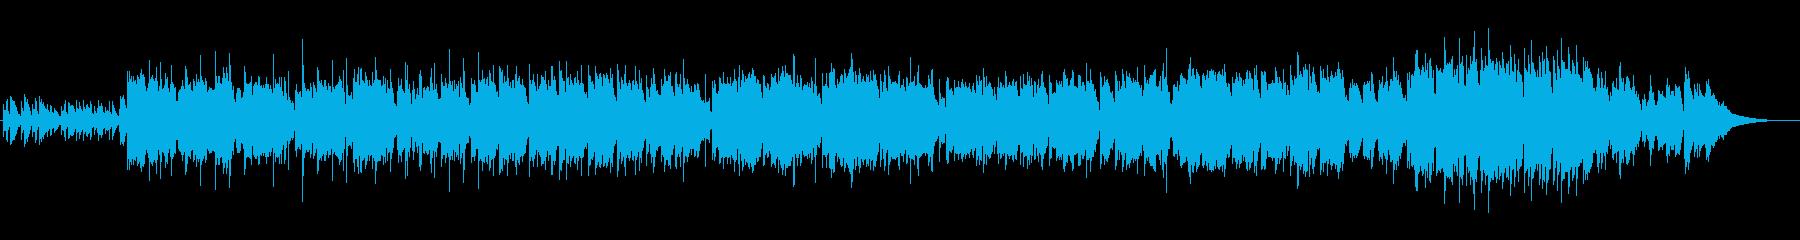 和楽器を取り入れたバラード曲の再生済みの波形